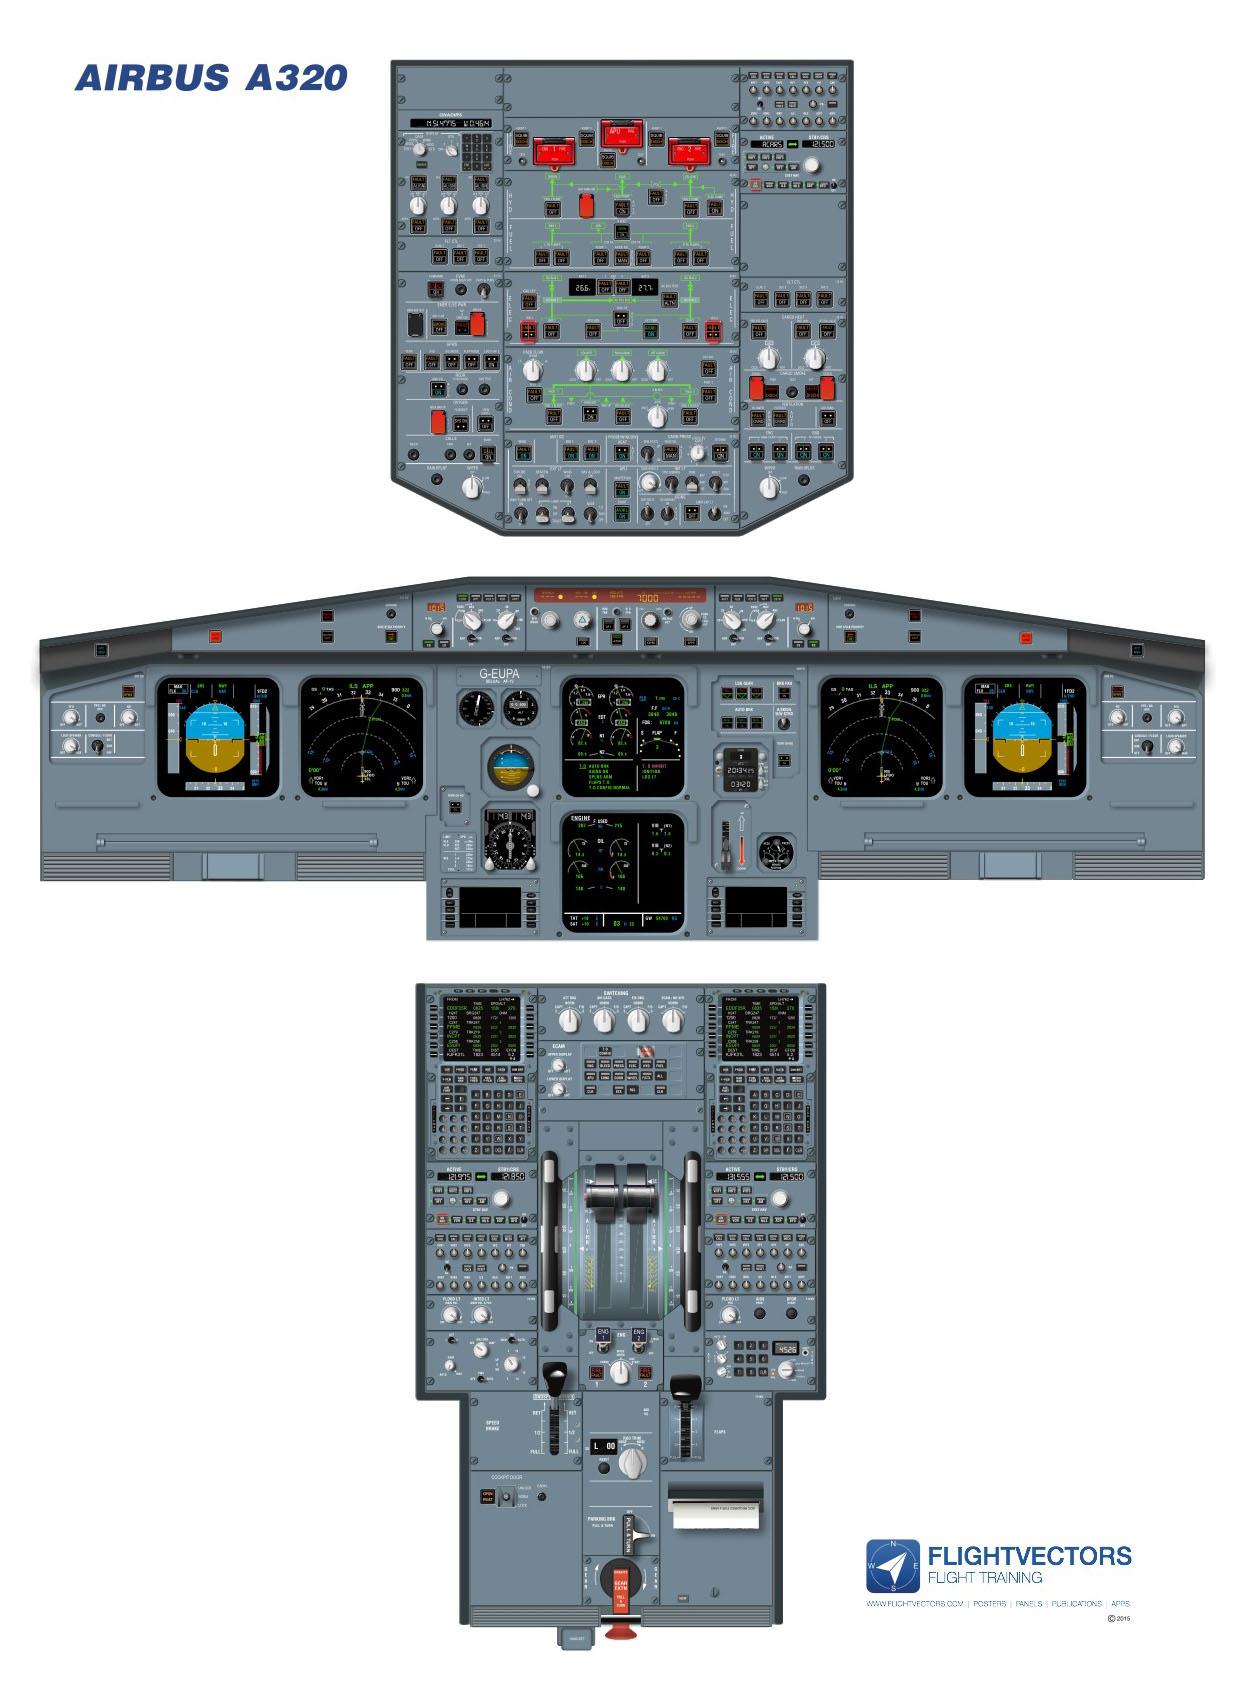 A320 EIS 1 CRT